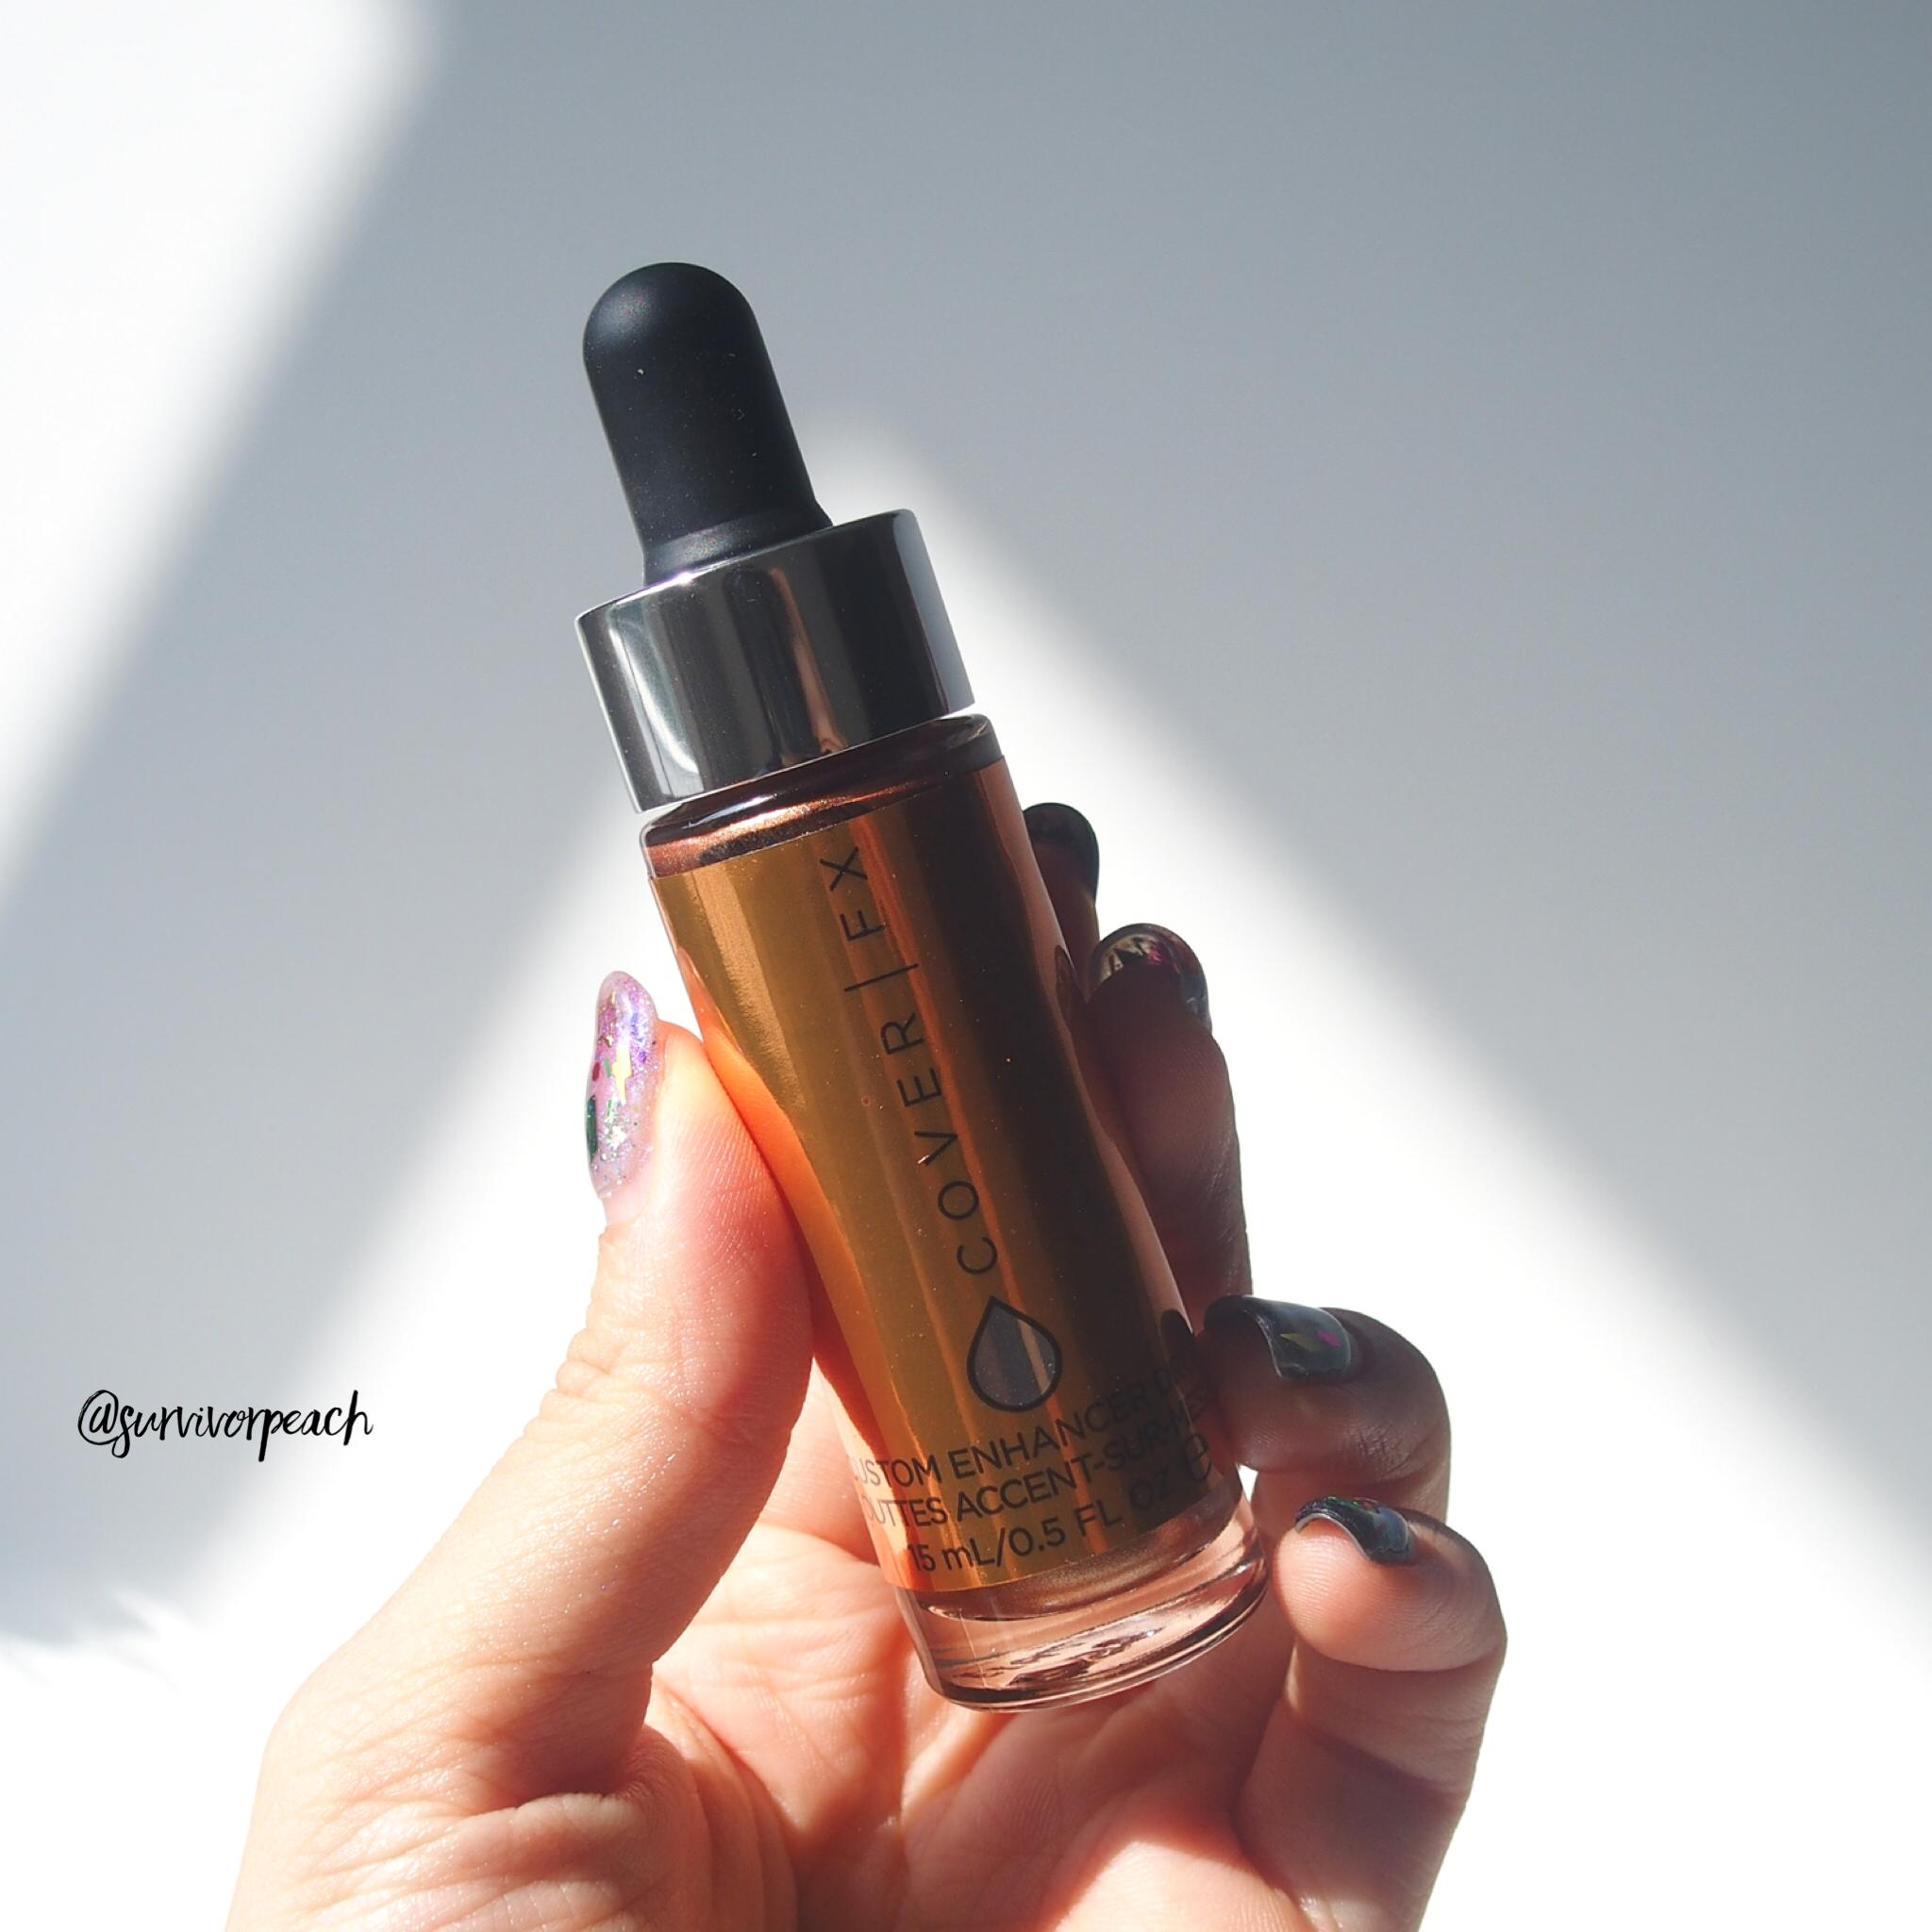 Cover FX Custom Enhancer Drops Sunlight